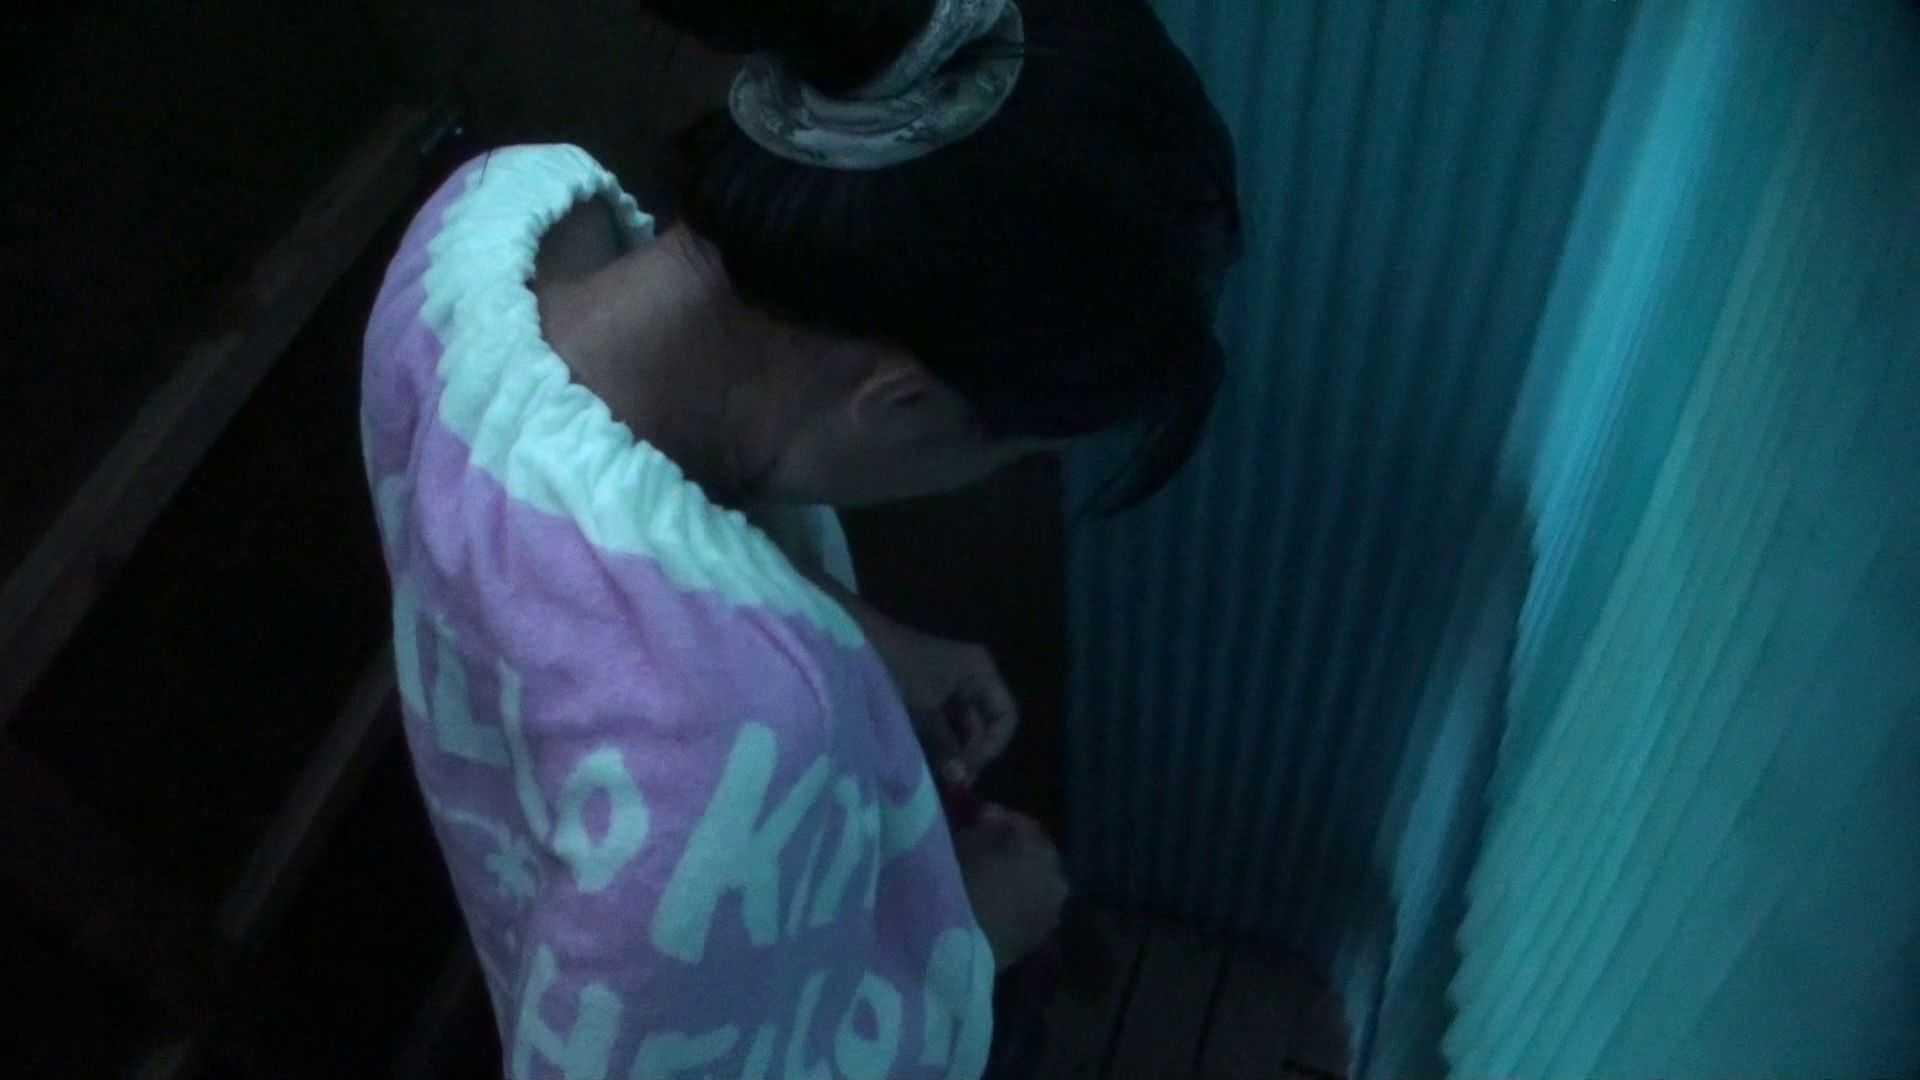 シャワールームは超!!危険な香りVol.26 大学生風美形ギャル 暗さが残念! ギャルのエロ動画 | 高画質モード  95画像 41